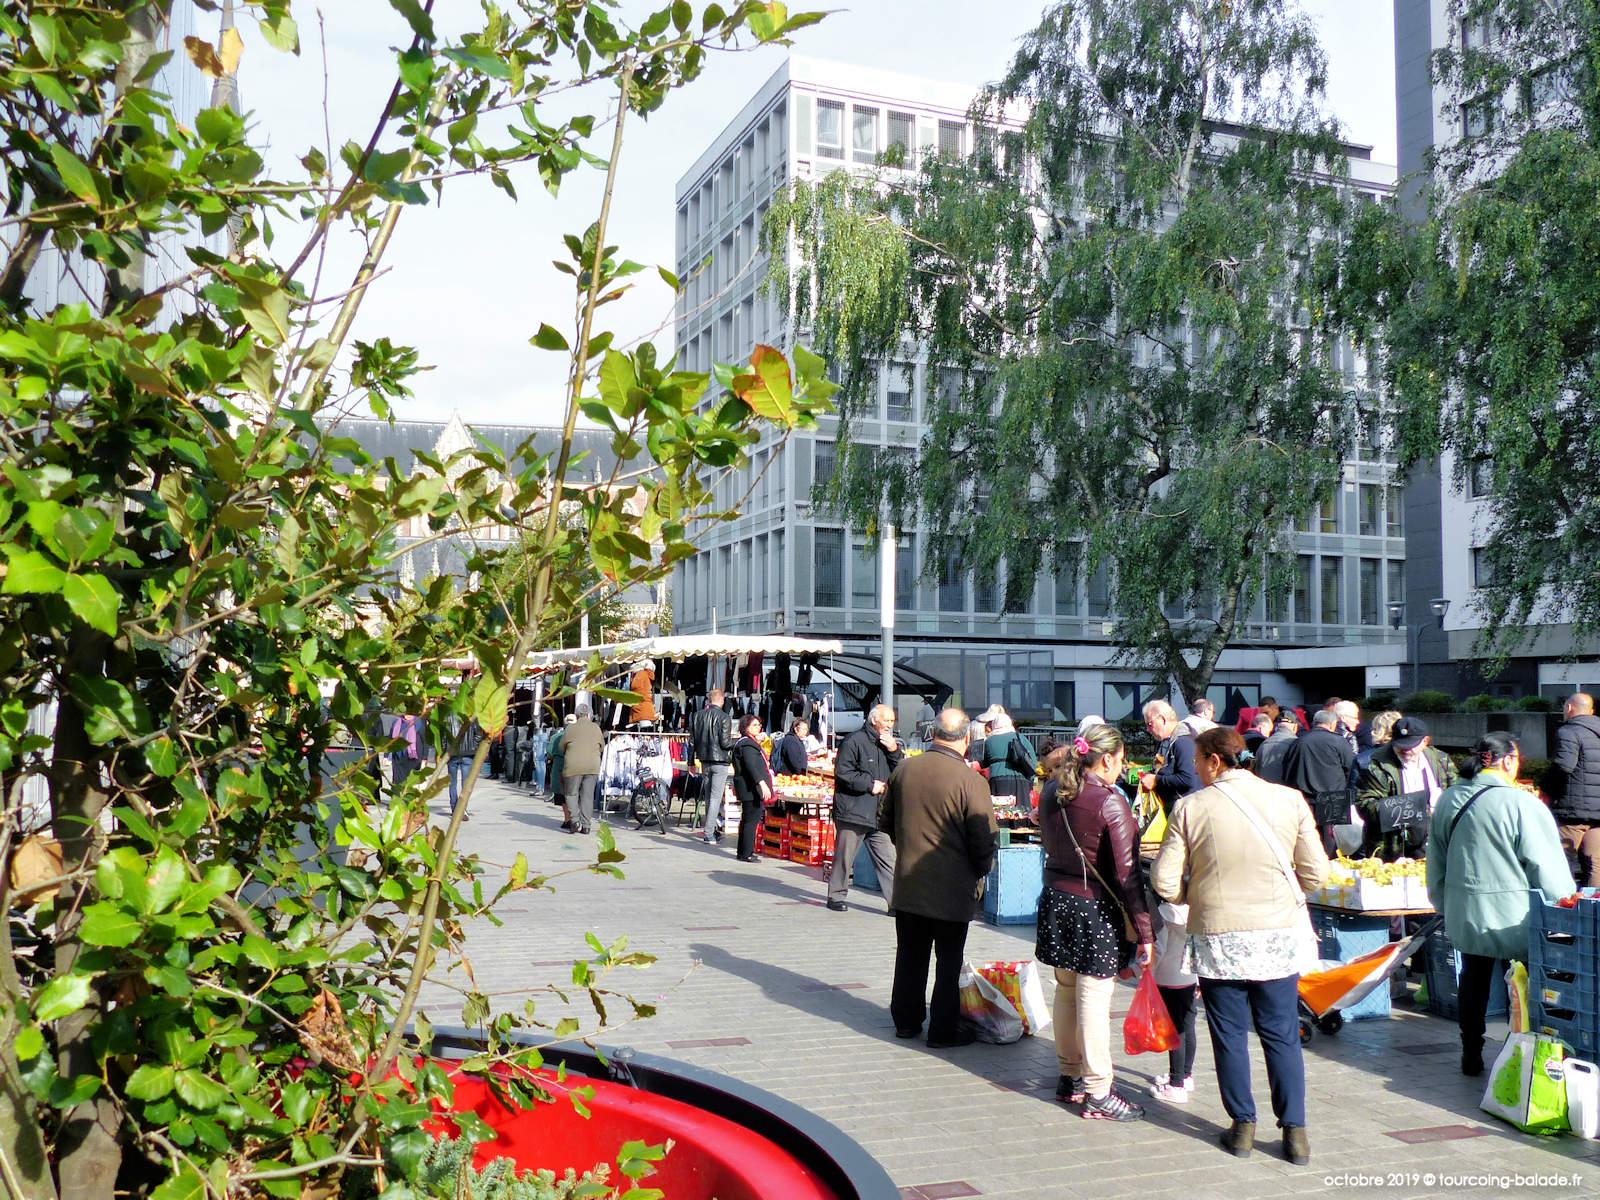 Marchés Tourcoing - Promenade de la Fraternité, centre ville